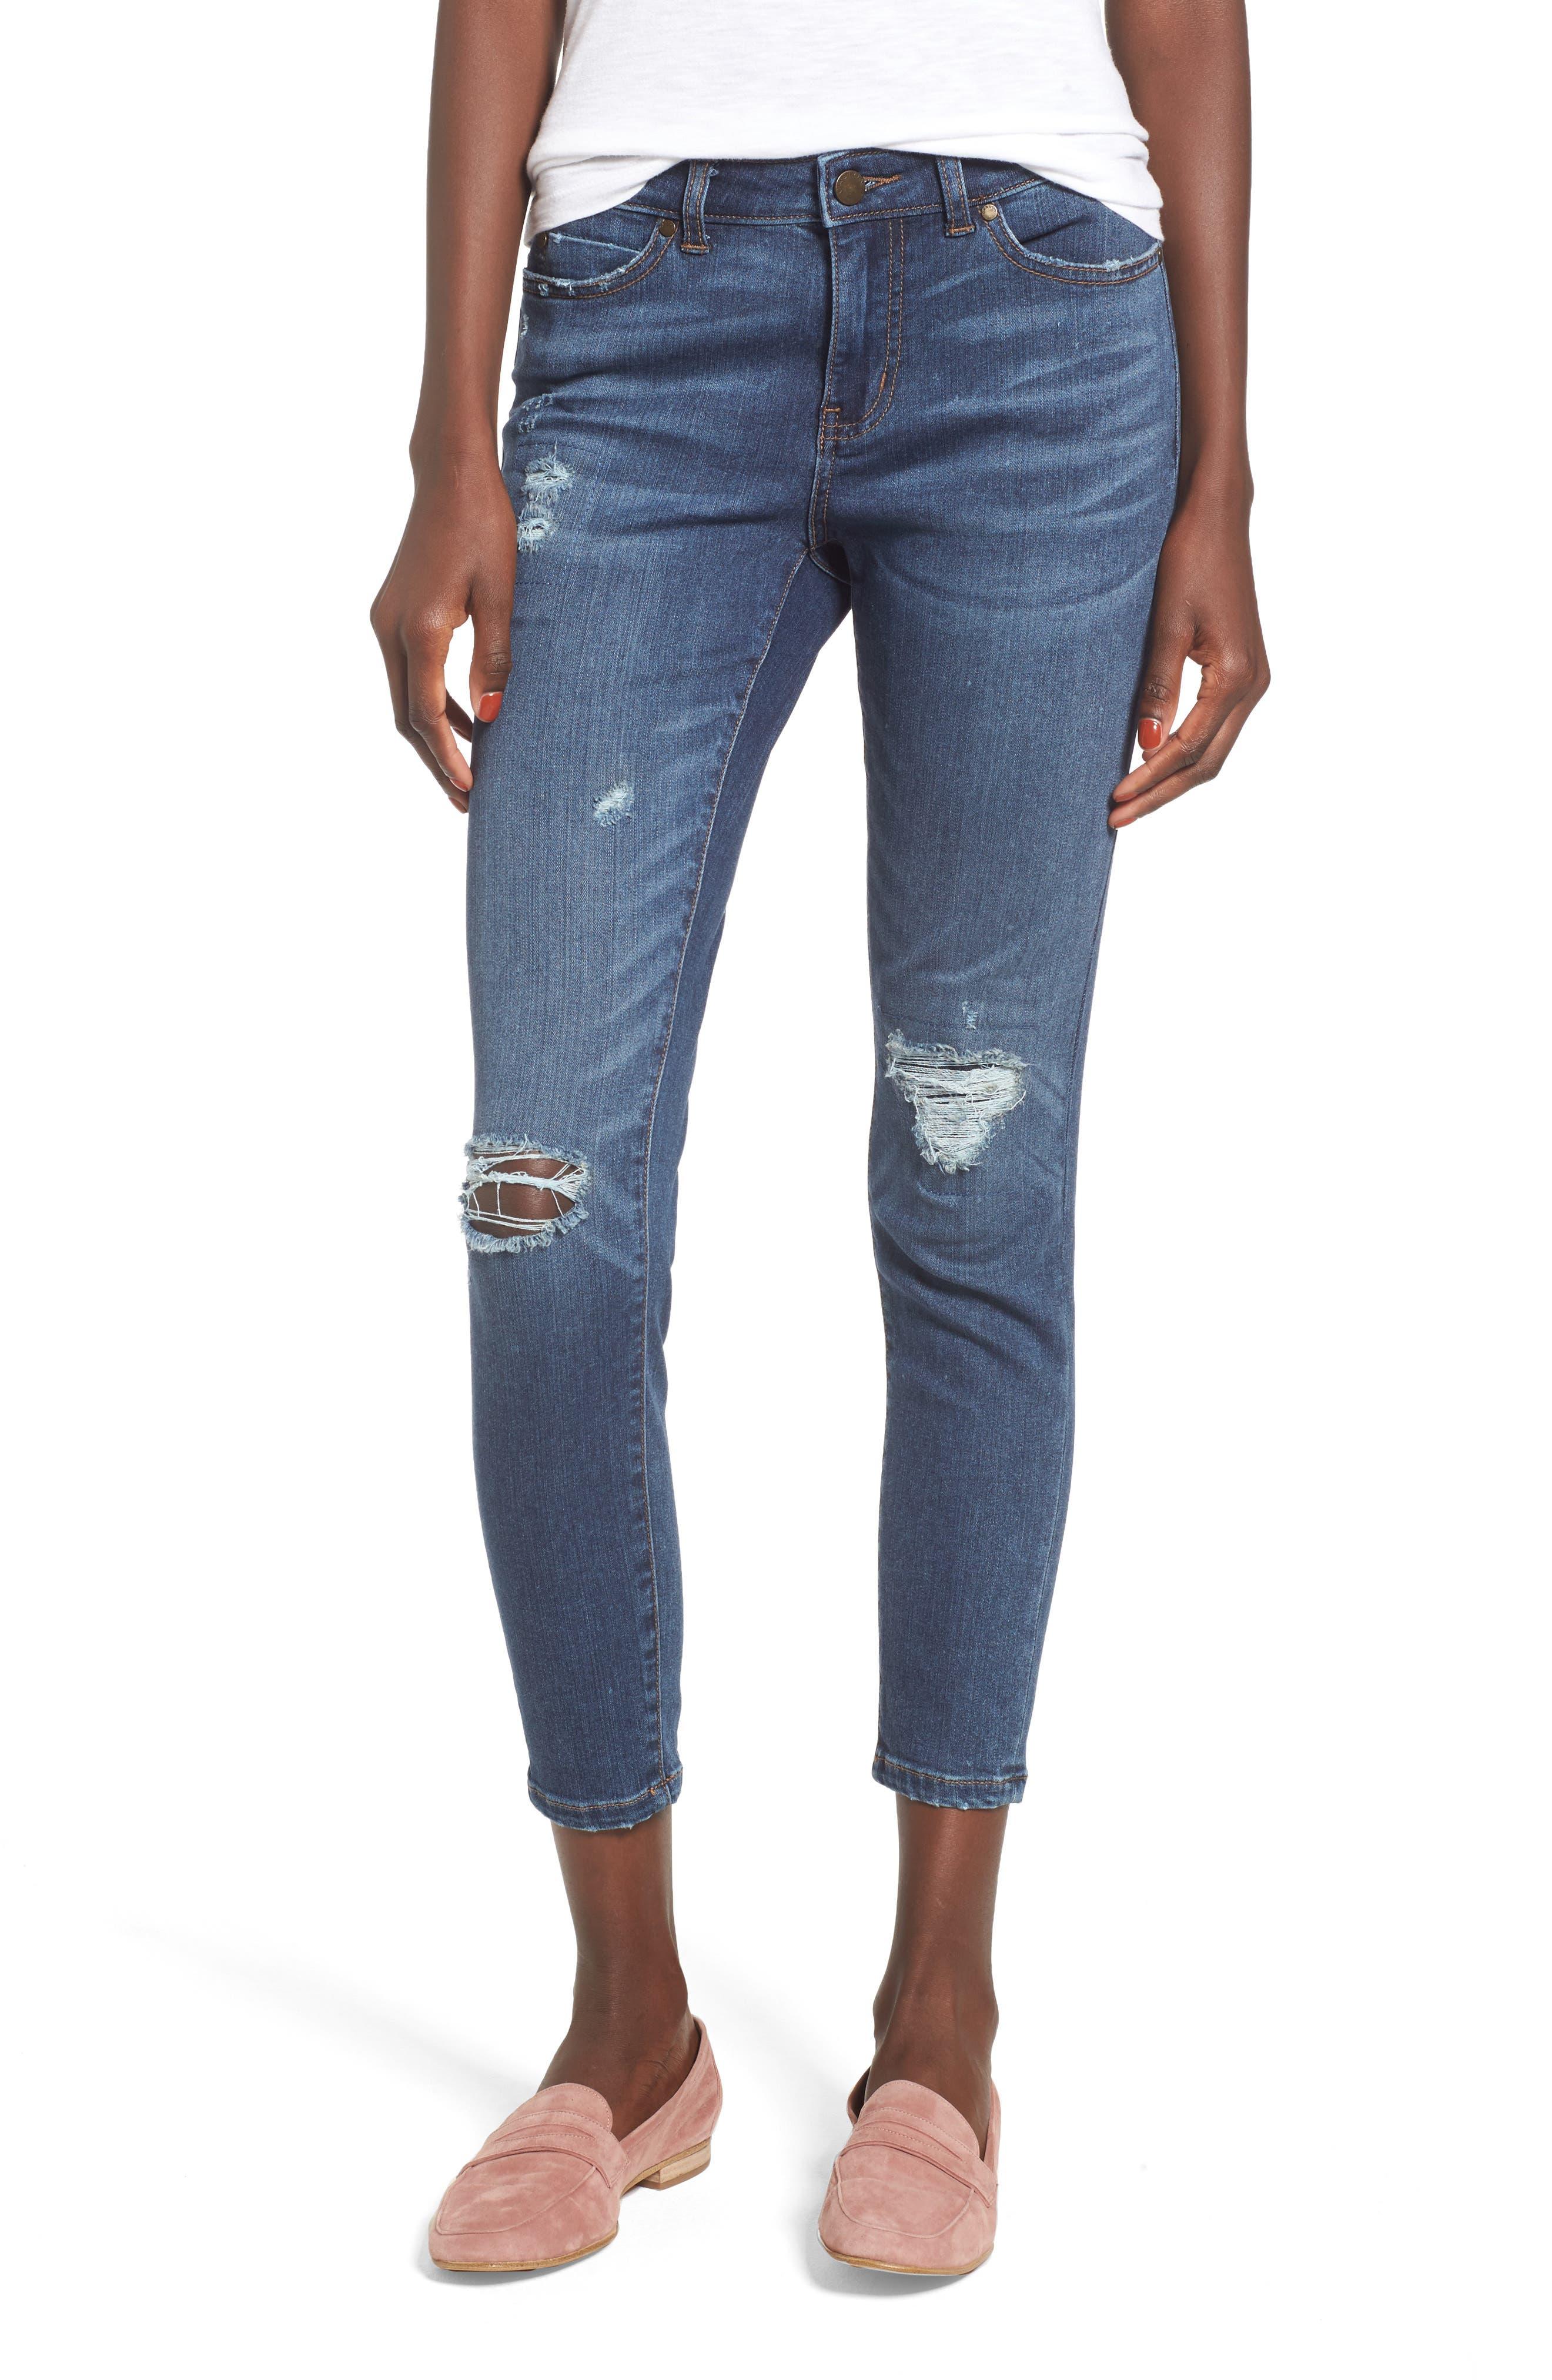 Rip & Repair Ankle Skinny Jeans,                             Main thumbnail 1, color,                             420